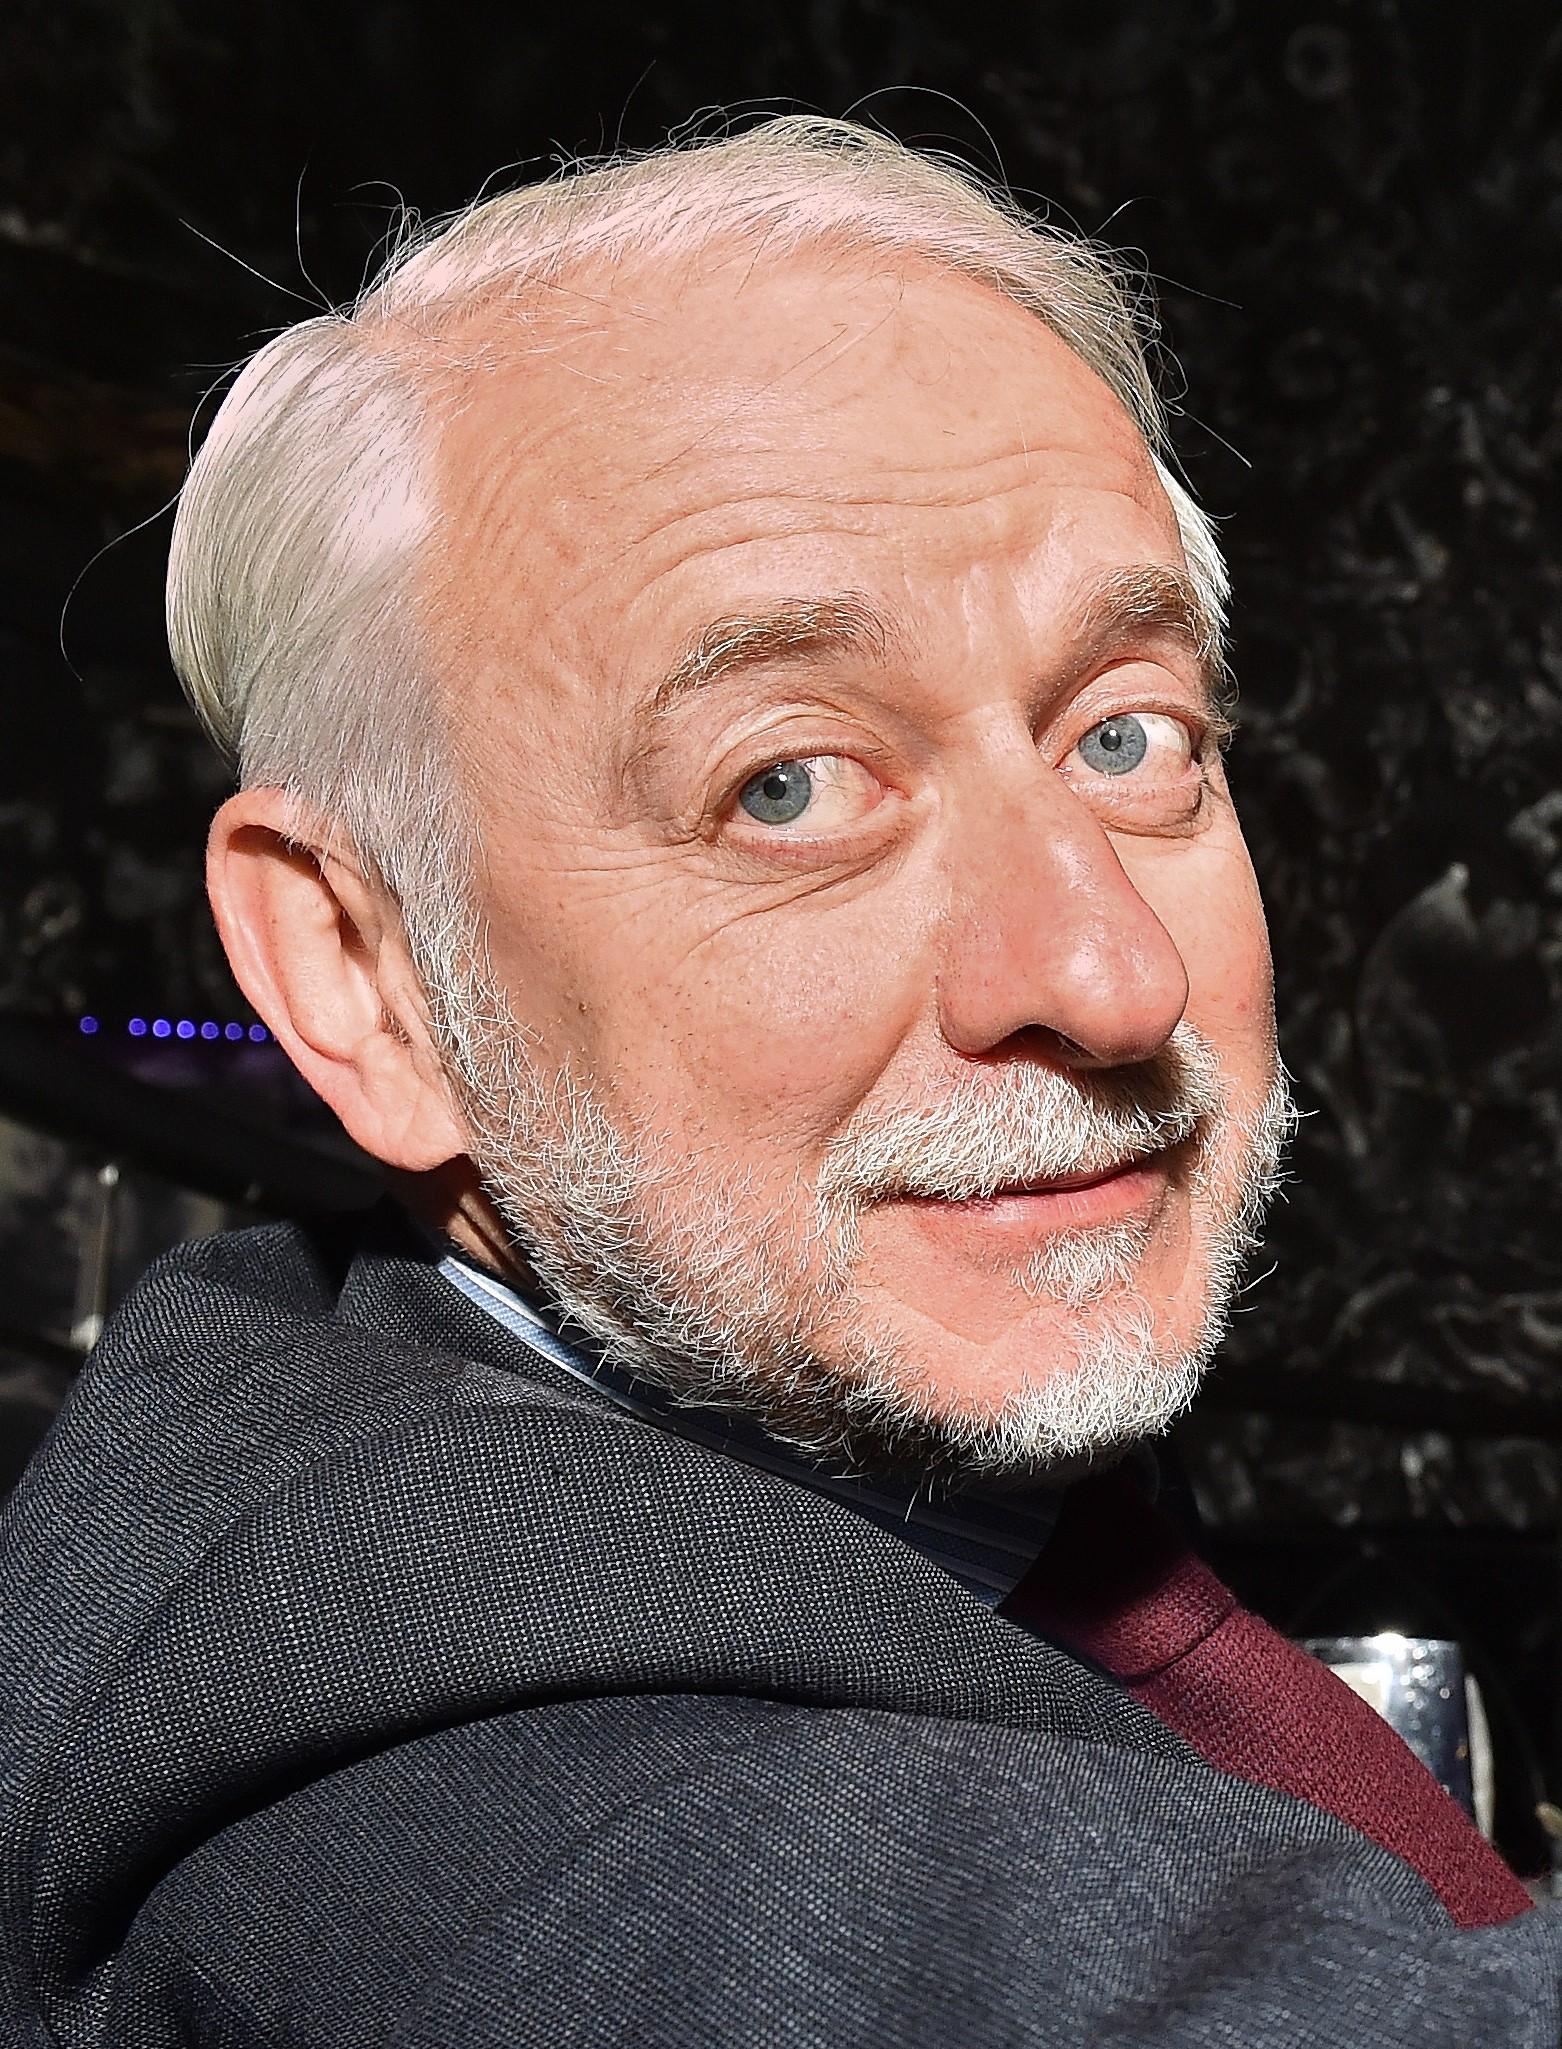 Viktor Loschak